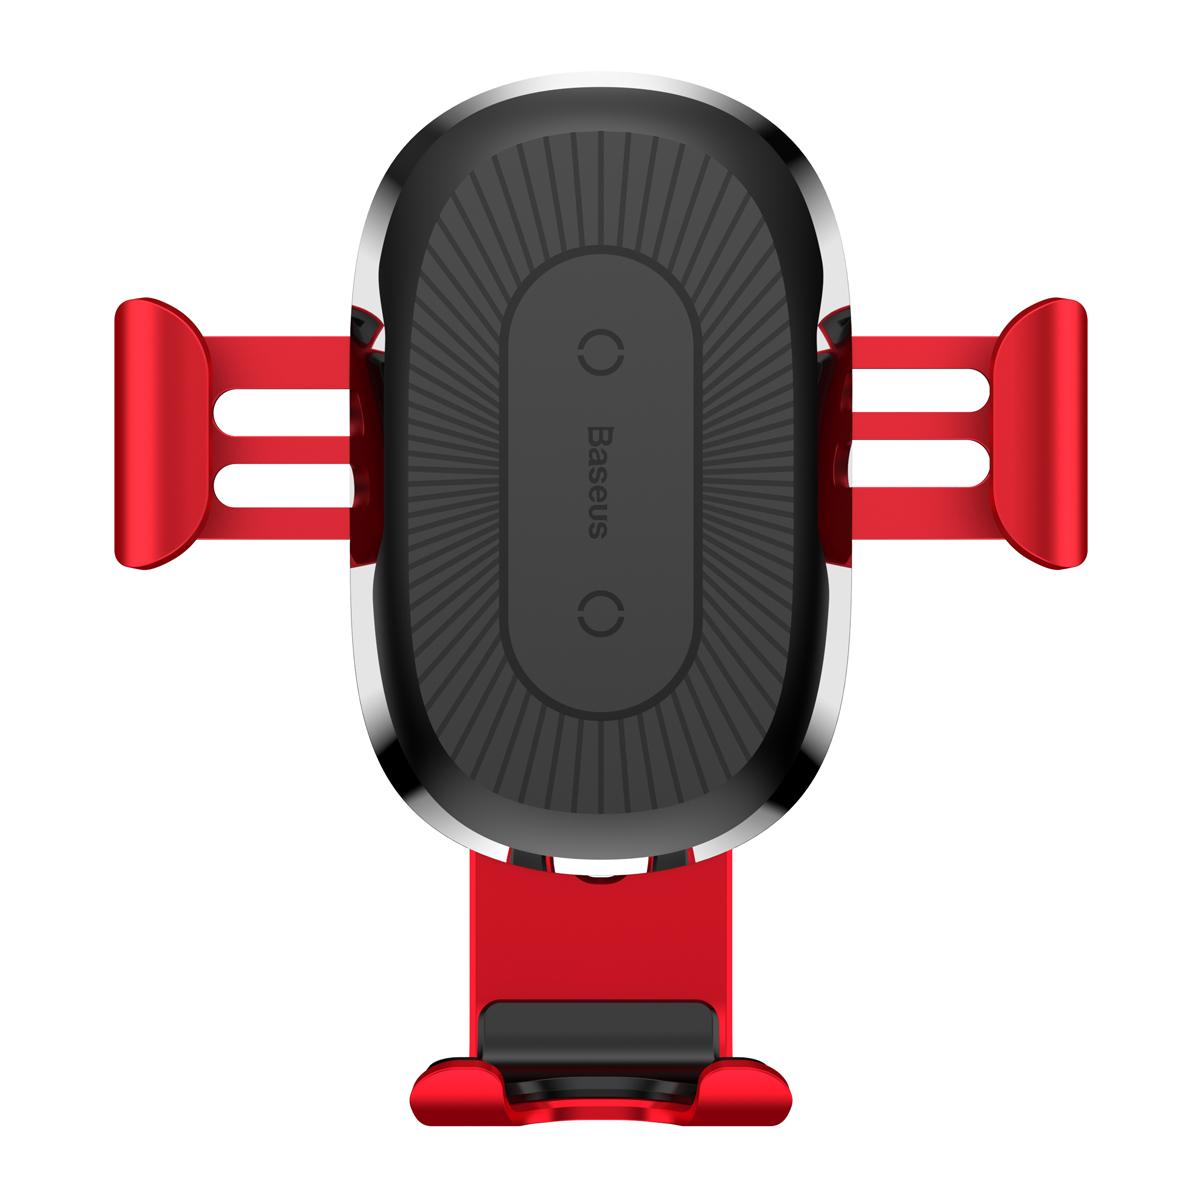 Фото - Беспроводное зарядное Baseus Wireless Charger Gravity Car Mount Red автодержатель